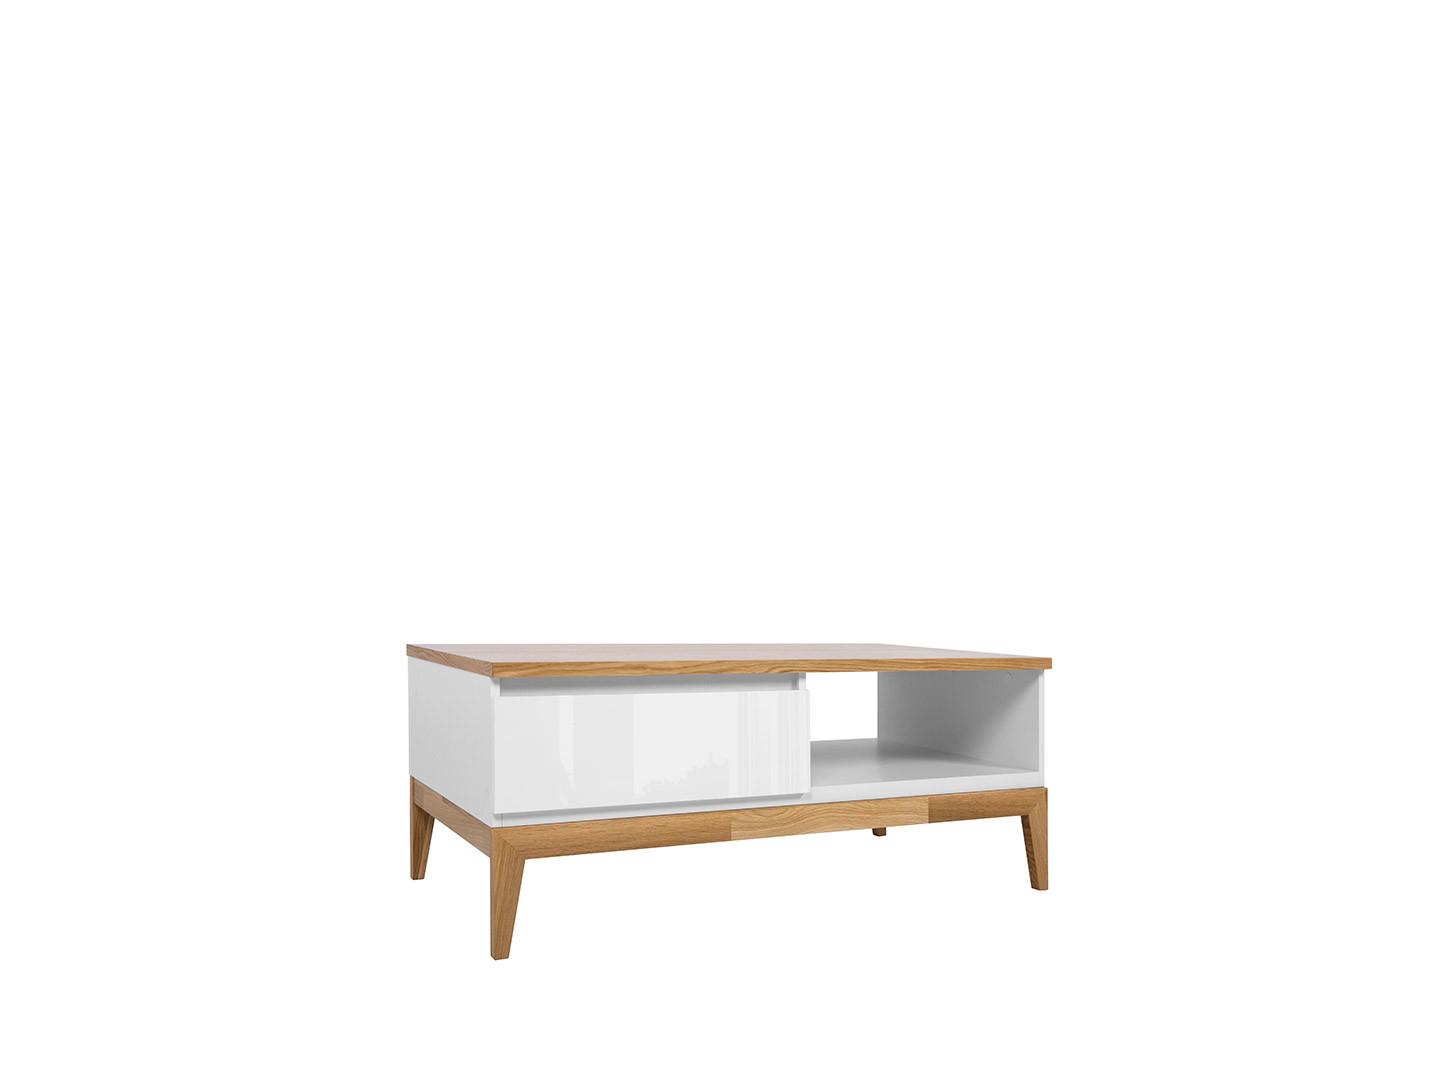 Konferenčný stolík KIOTO LAW1S biela/ biely lesk/ dub prírodný